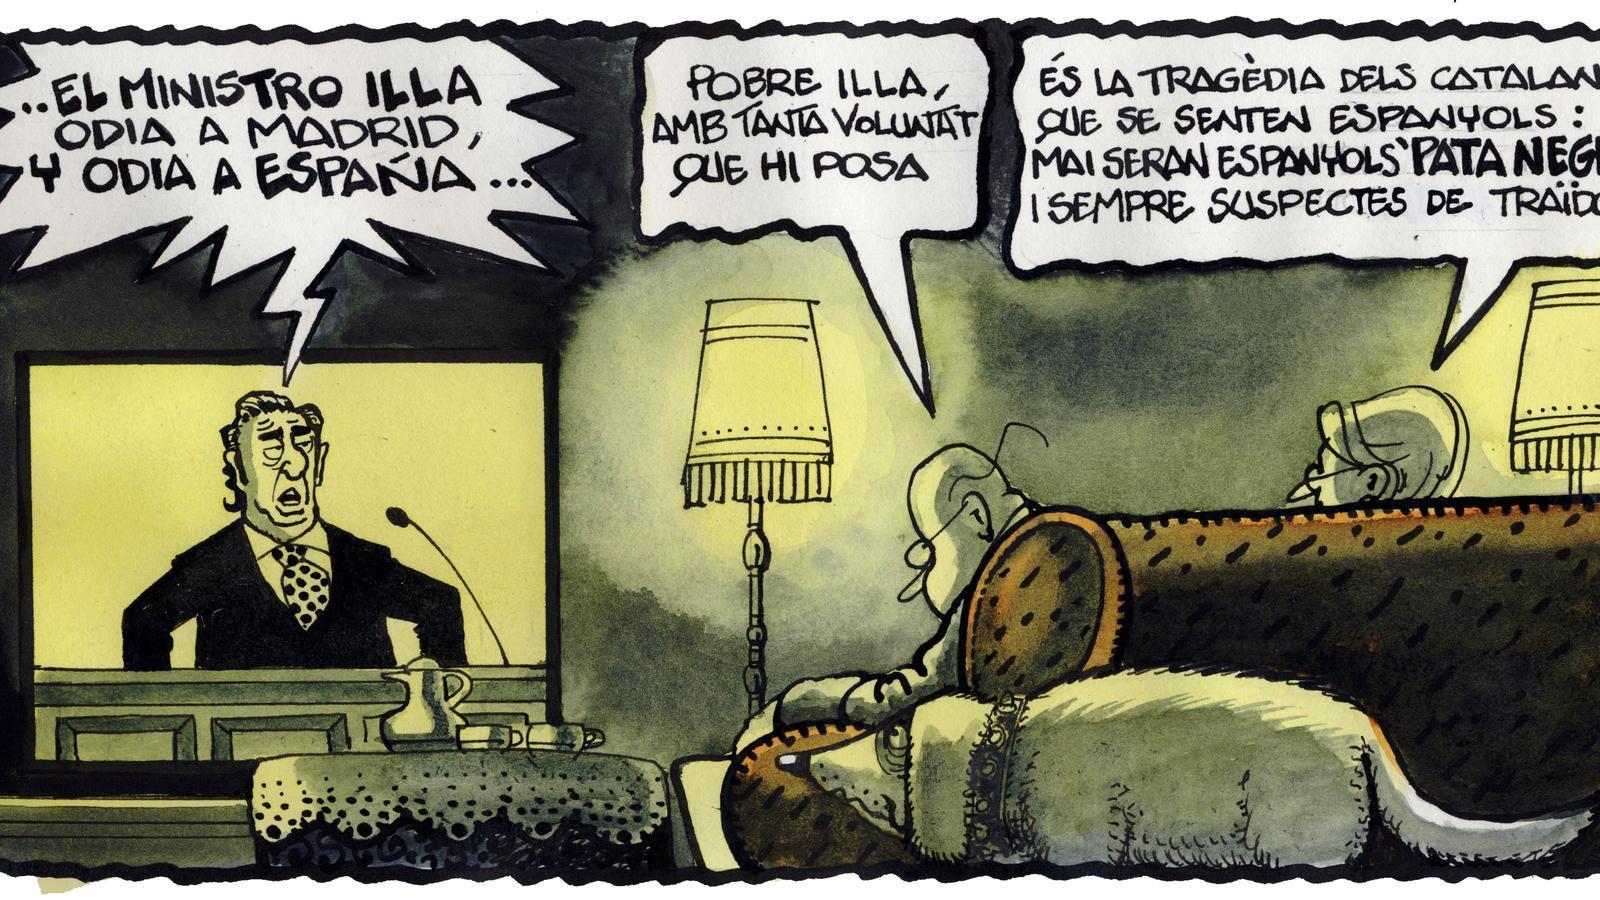 'A la contra', per Ferreres 17/10/2020